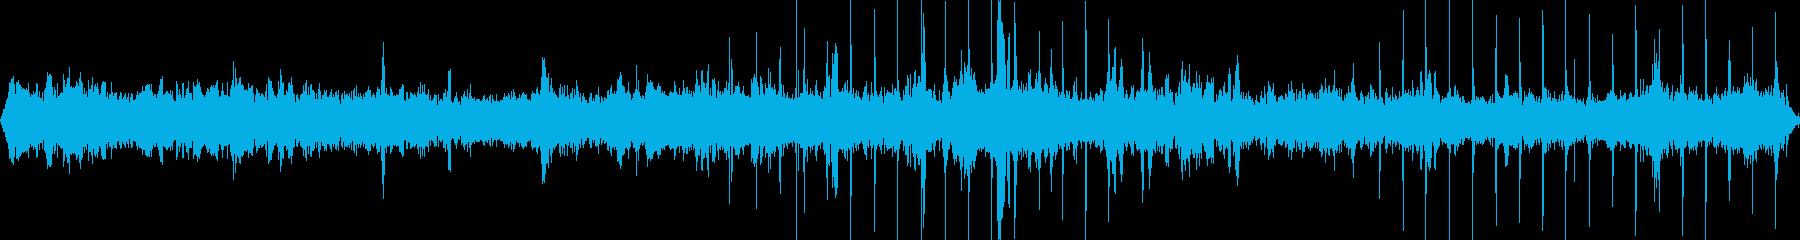 アスレチックのある公園(環境音)の再生済みの波形